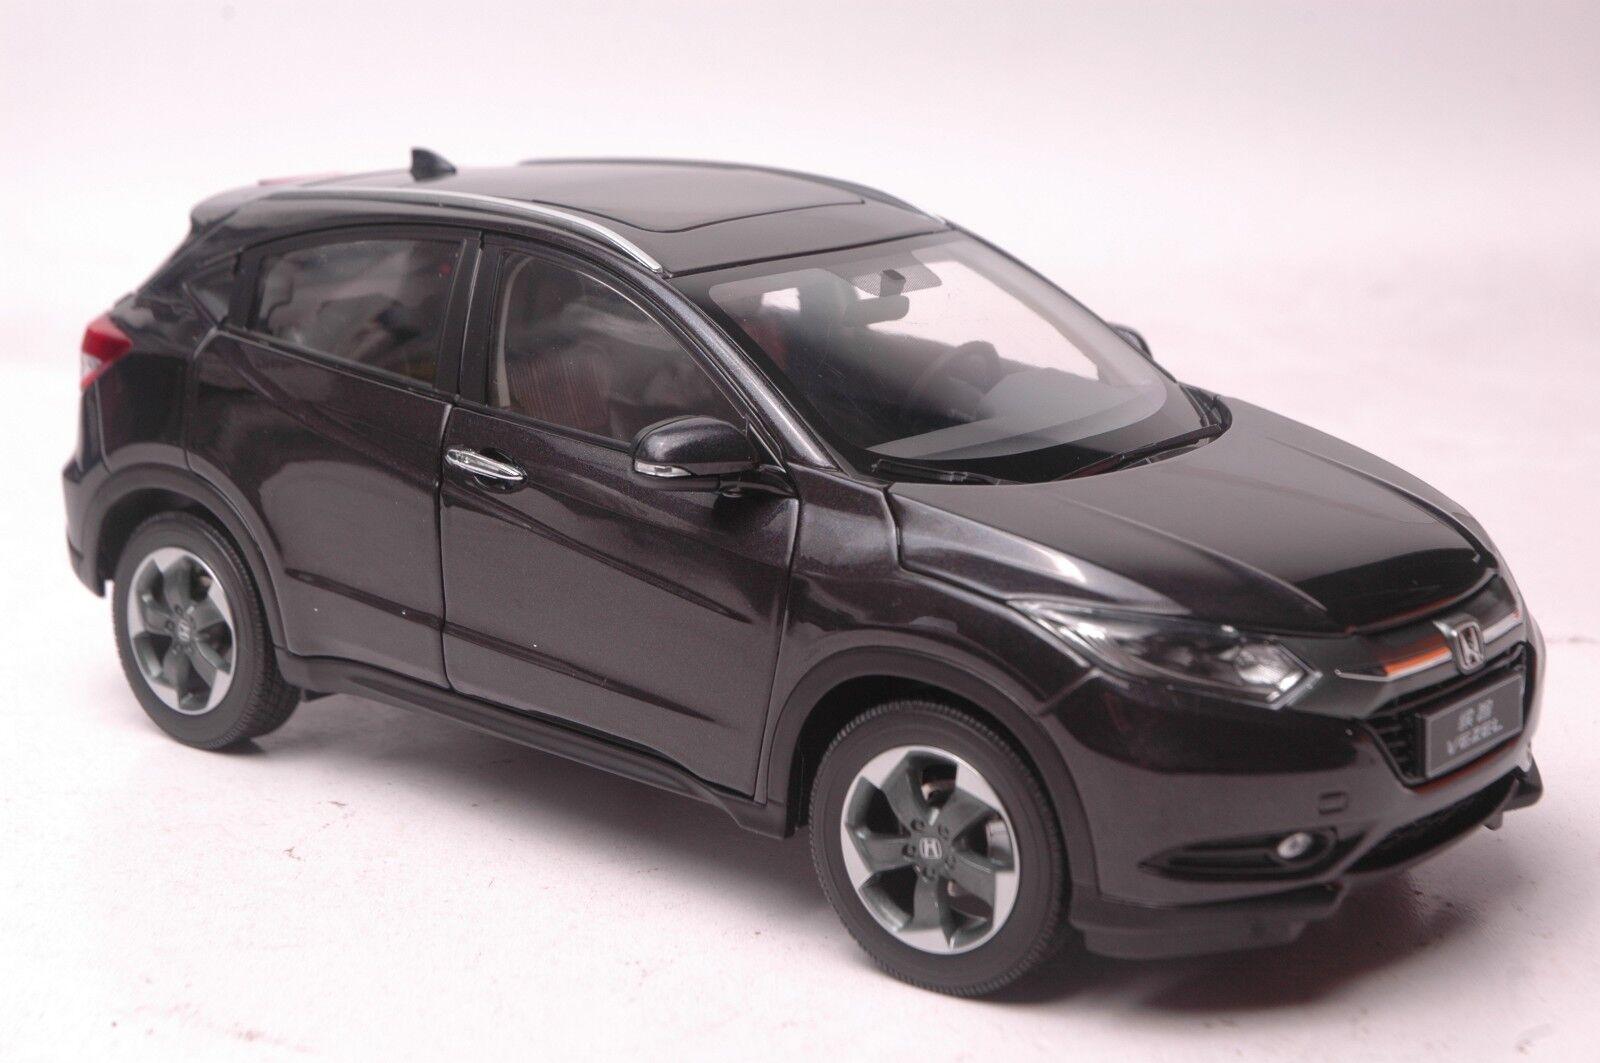 Honda vezEl 2014 SUV modelo en escala 1 18 nero